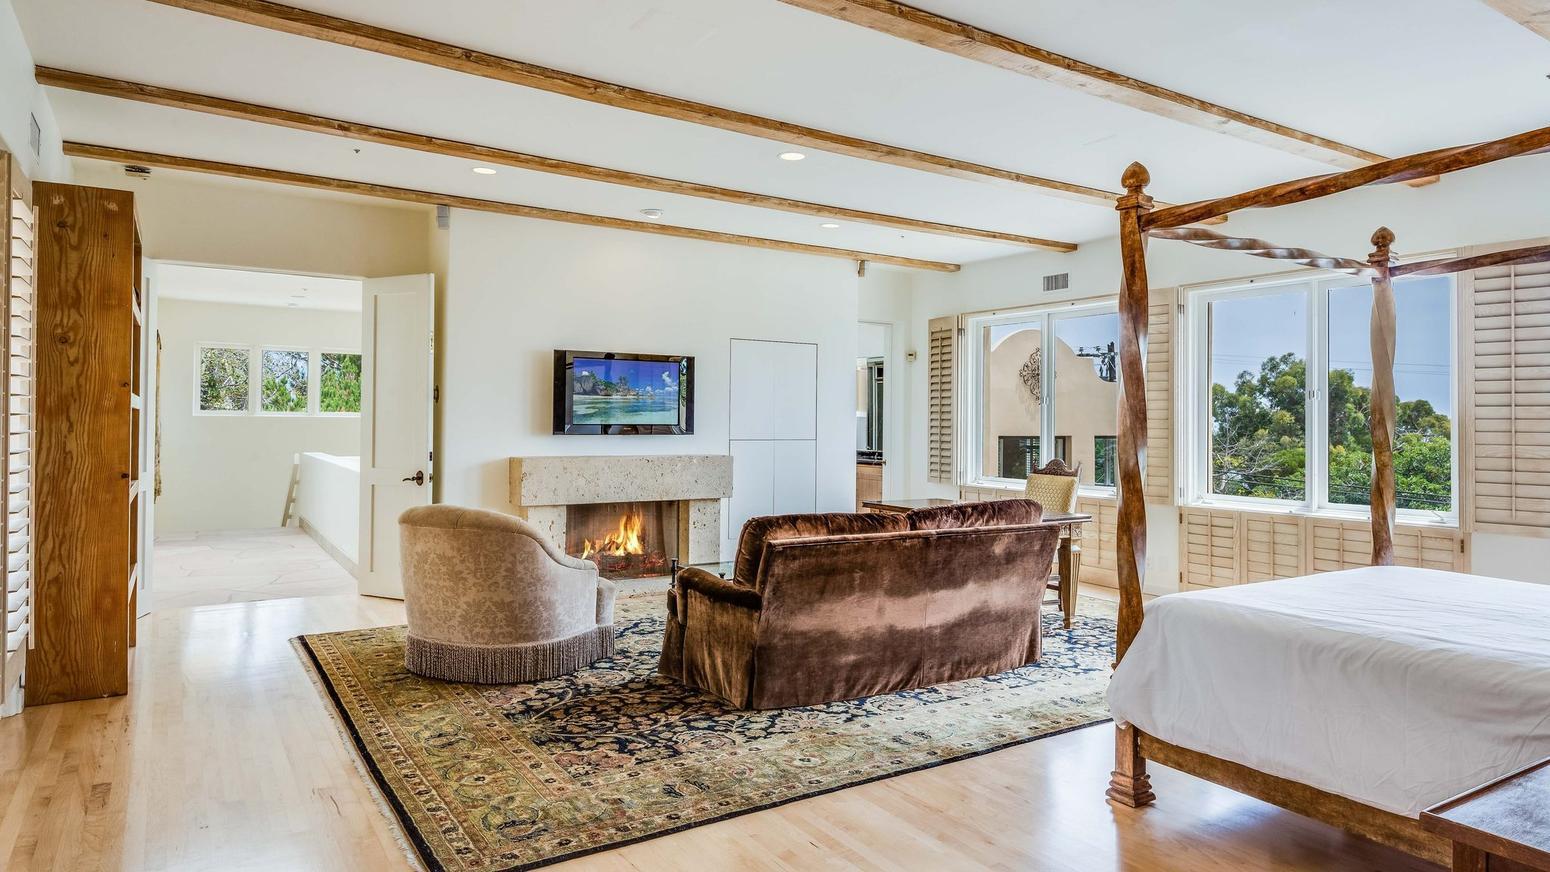 Malibu 10 milioni per vivere a casa di cher for 3 piani casa casa camera da letto